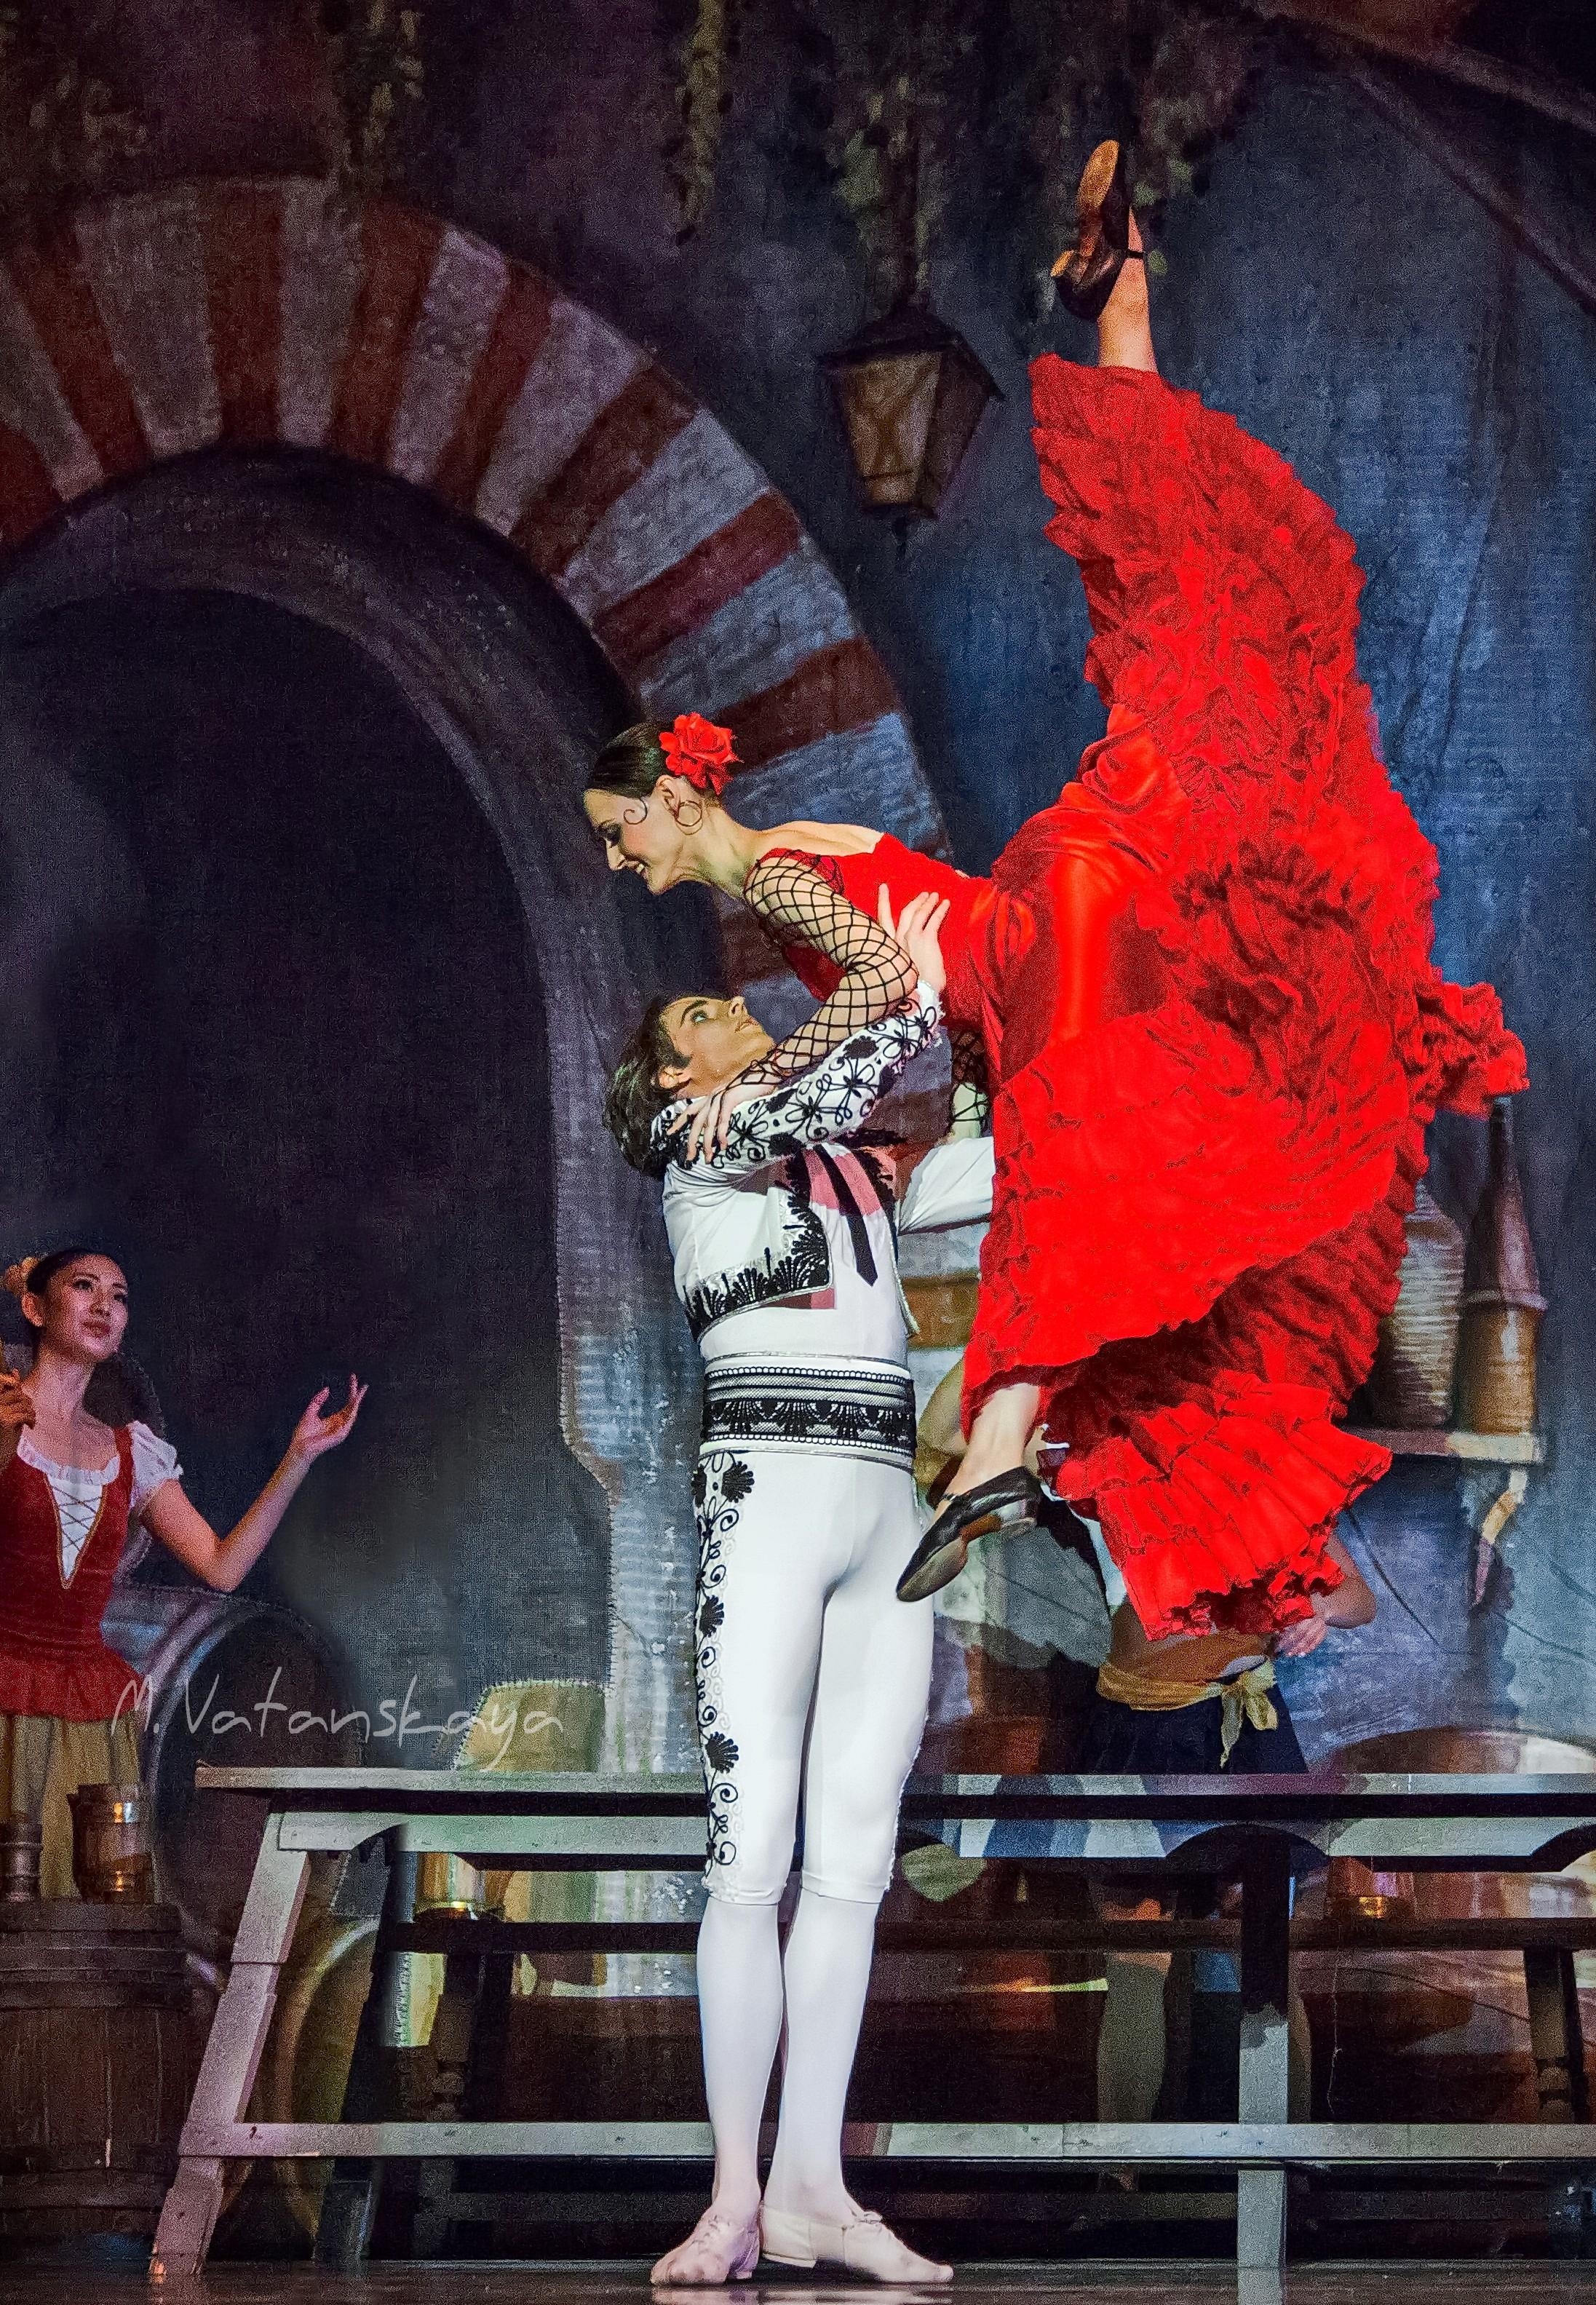 Астраханский театр Оперы и Балета представляет  балетную постановку «Дон Кихот»